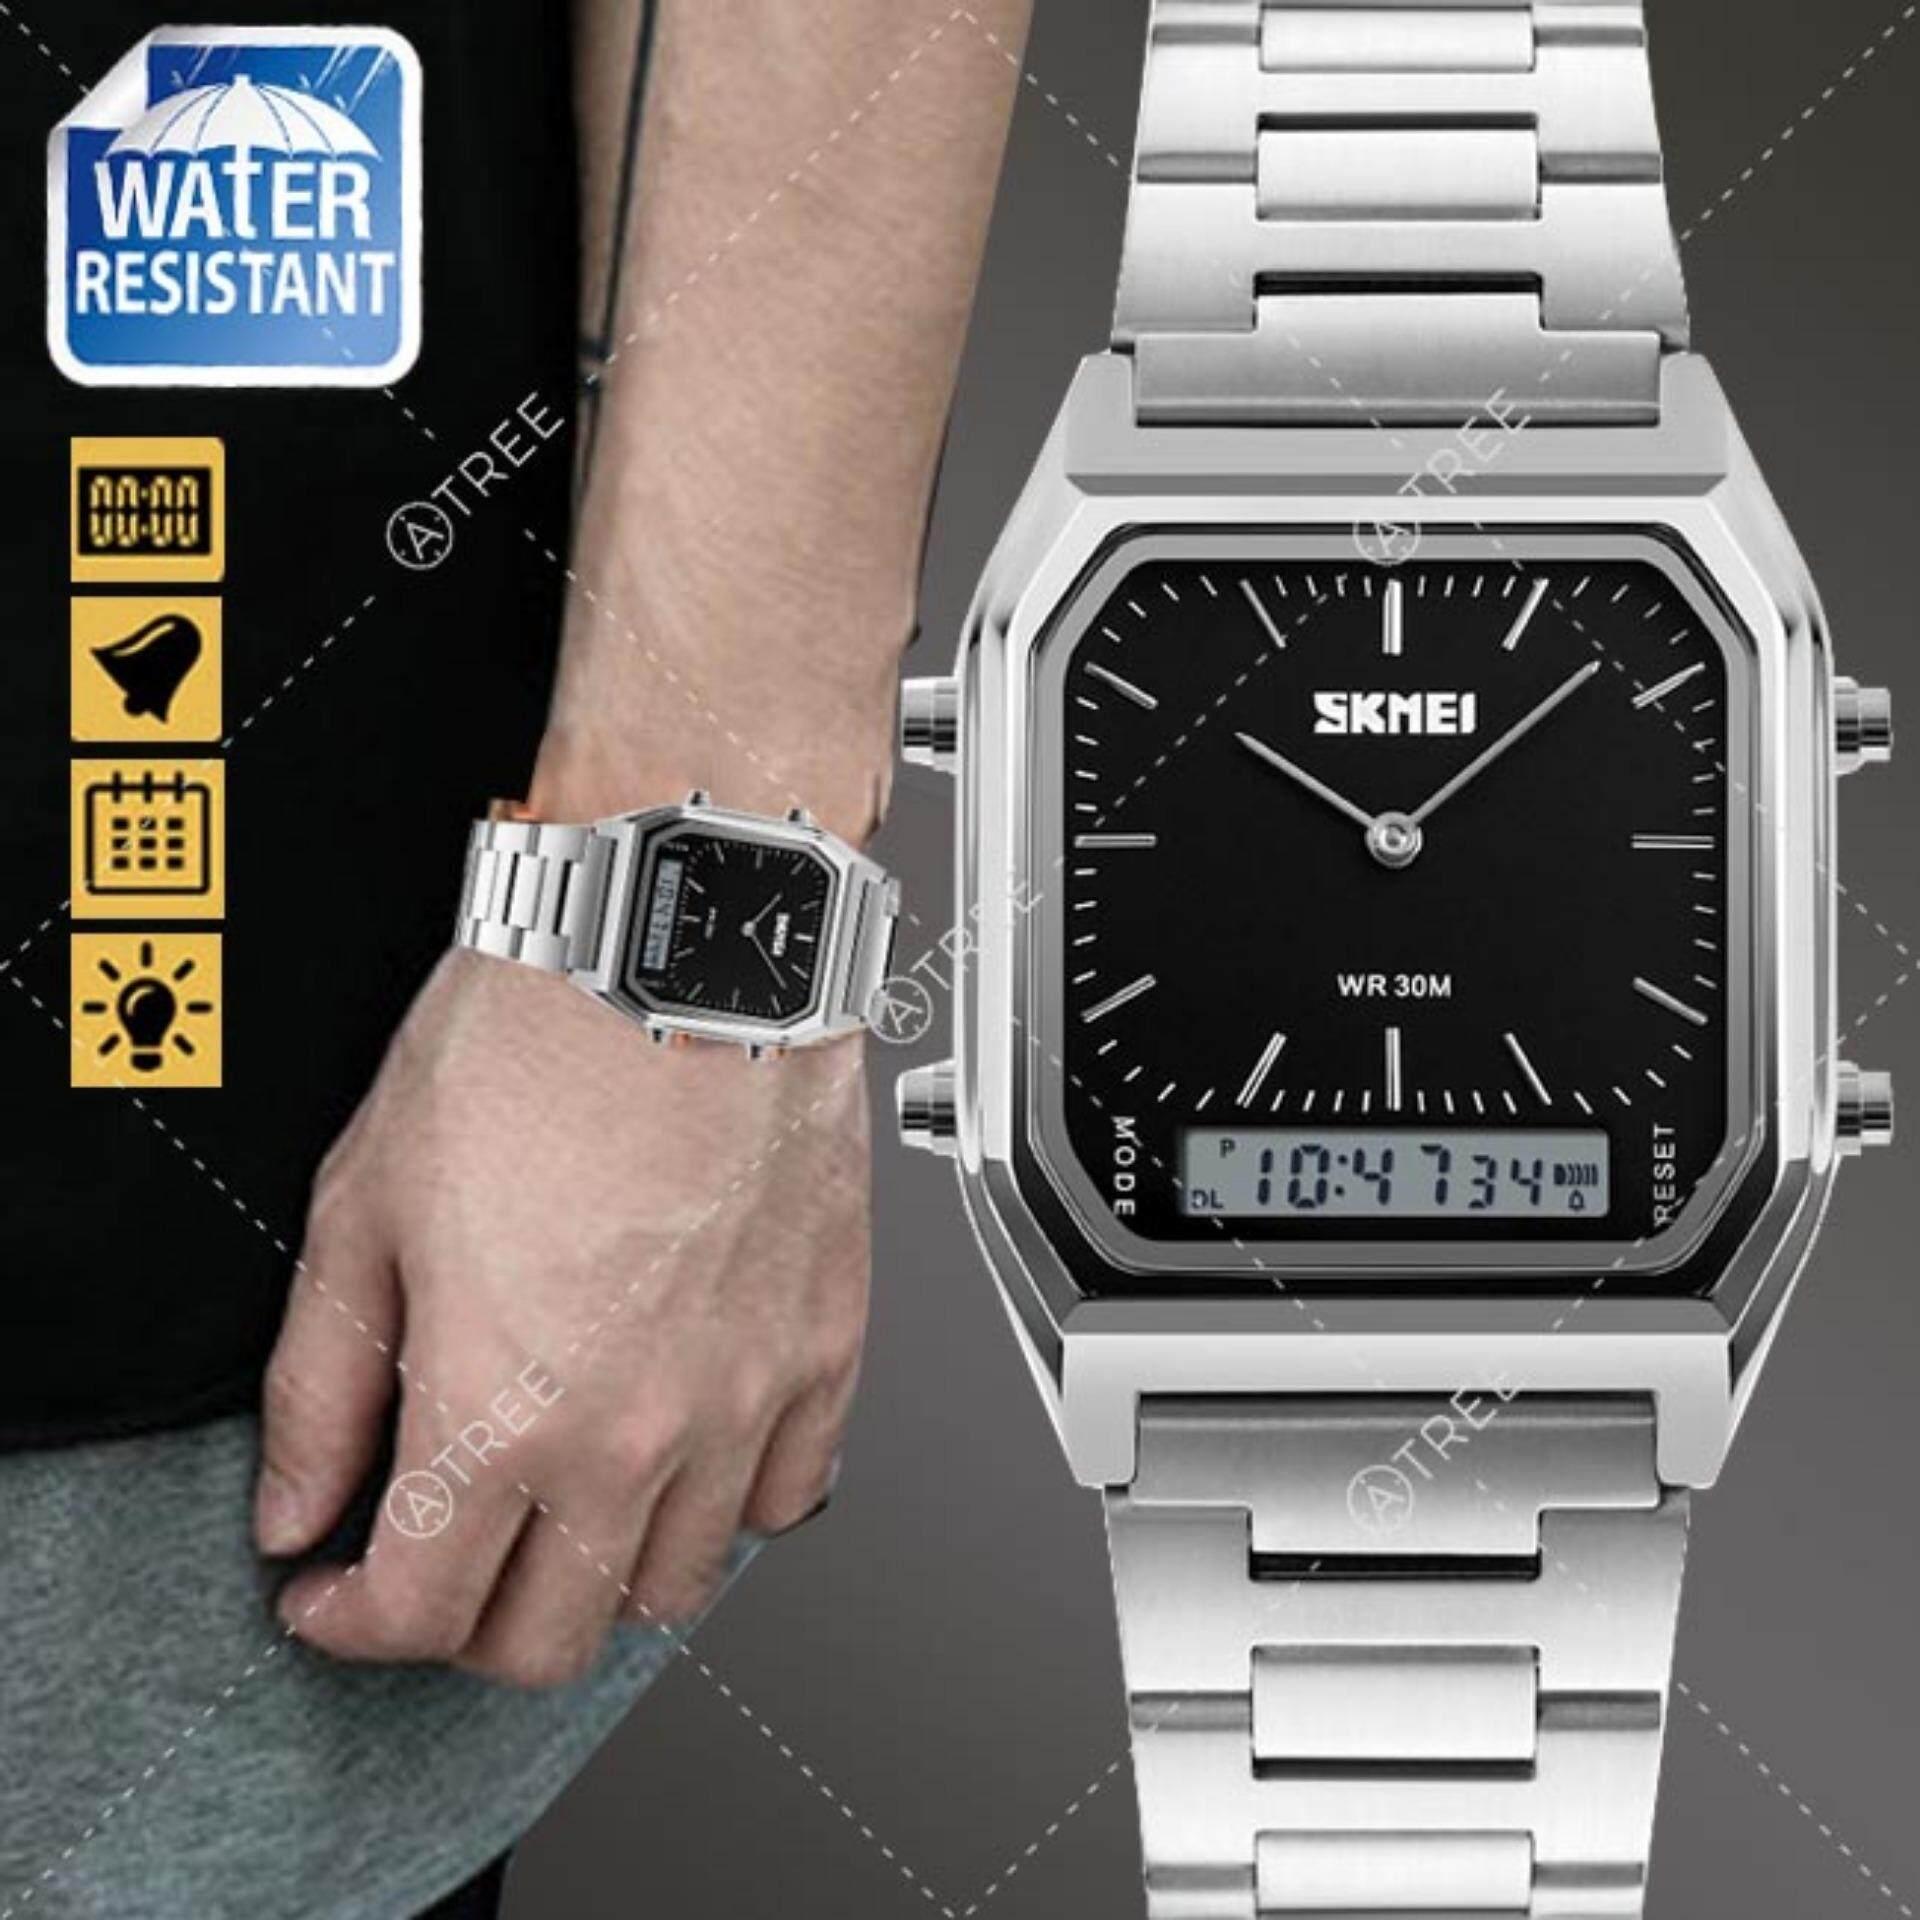 โปรโมชั่น Skmei ของแท้ 100 ส่งในไทยไวแน่นอน นาฬิกาข้อมือผู้ชาย สไตล์ Casual Bussiness Watch ใช้งานได้ 2 ระบบ ทั้ง Analog และ Digital จับเวลา ตั้งปลุก กันน้ำ สายแสตนเลสสีเงิน รุ่น Sk M1220 สีดำ Black กรุงเทพมหานคร